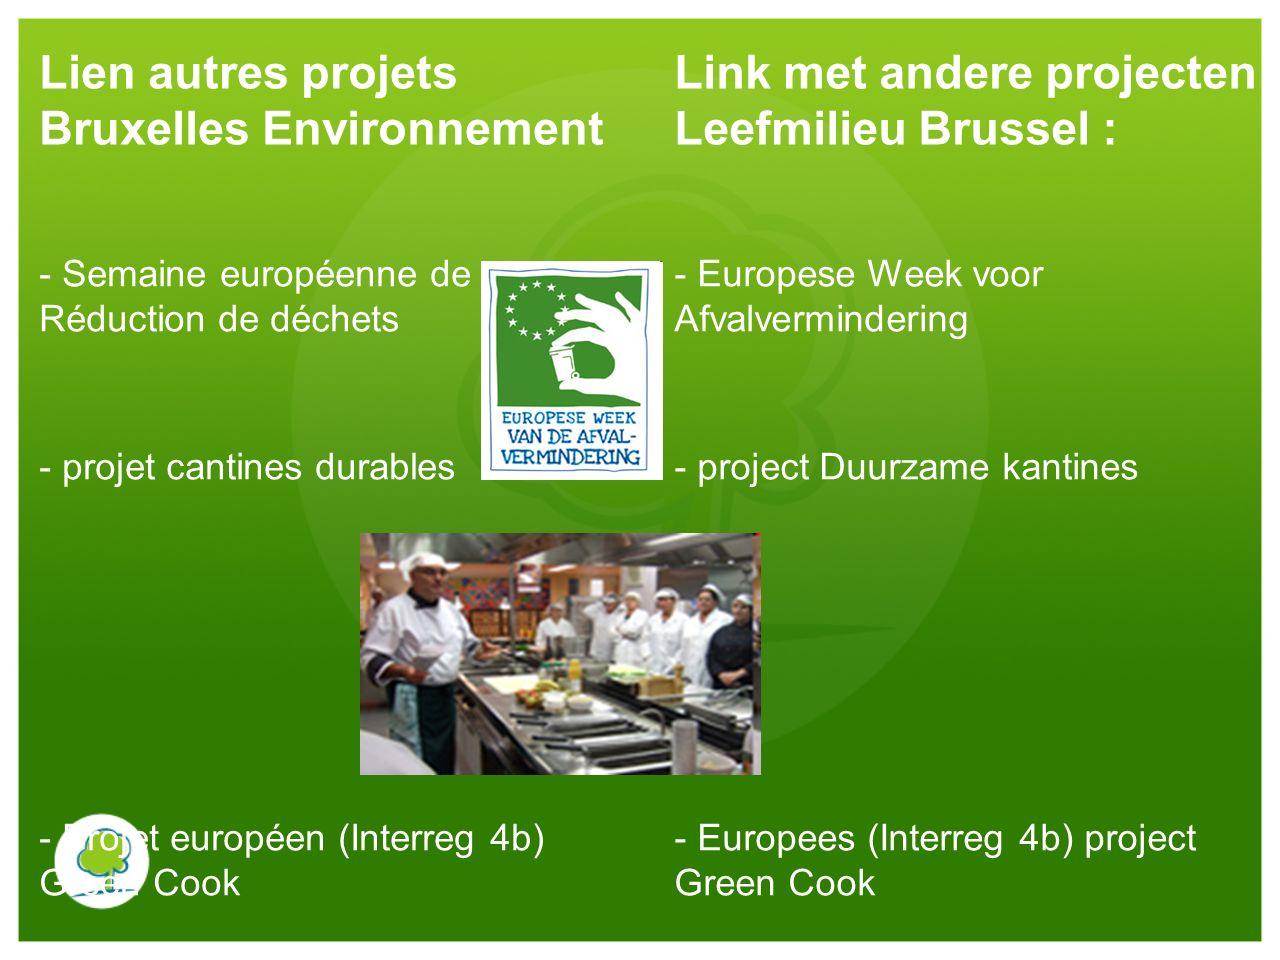 Lien autres projets Bruxelles Environnement Link met andere projecten Leefmilieu Brussel : - Semaine européenne de Réduction de déchets - projet canti